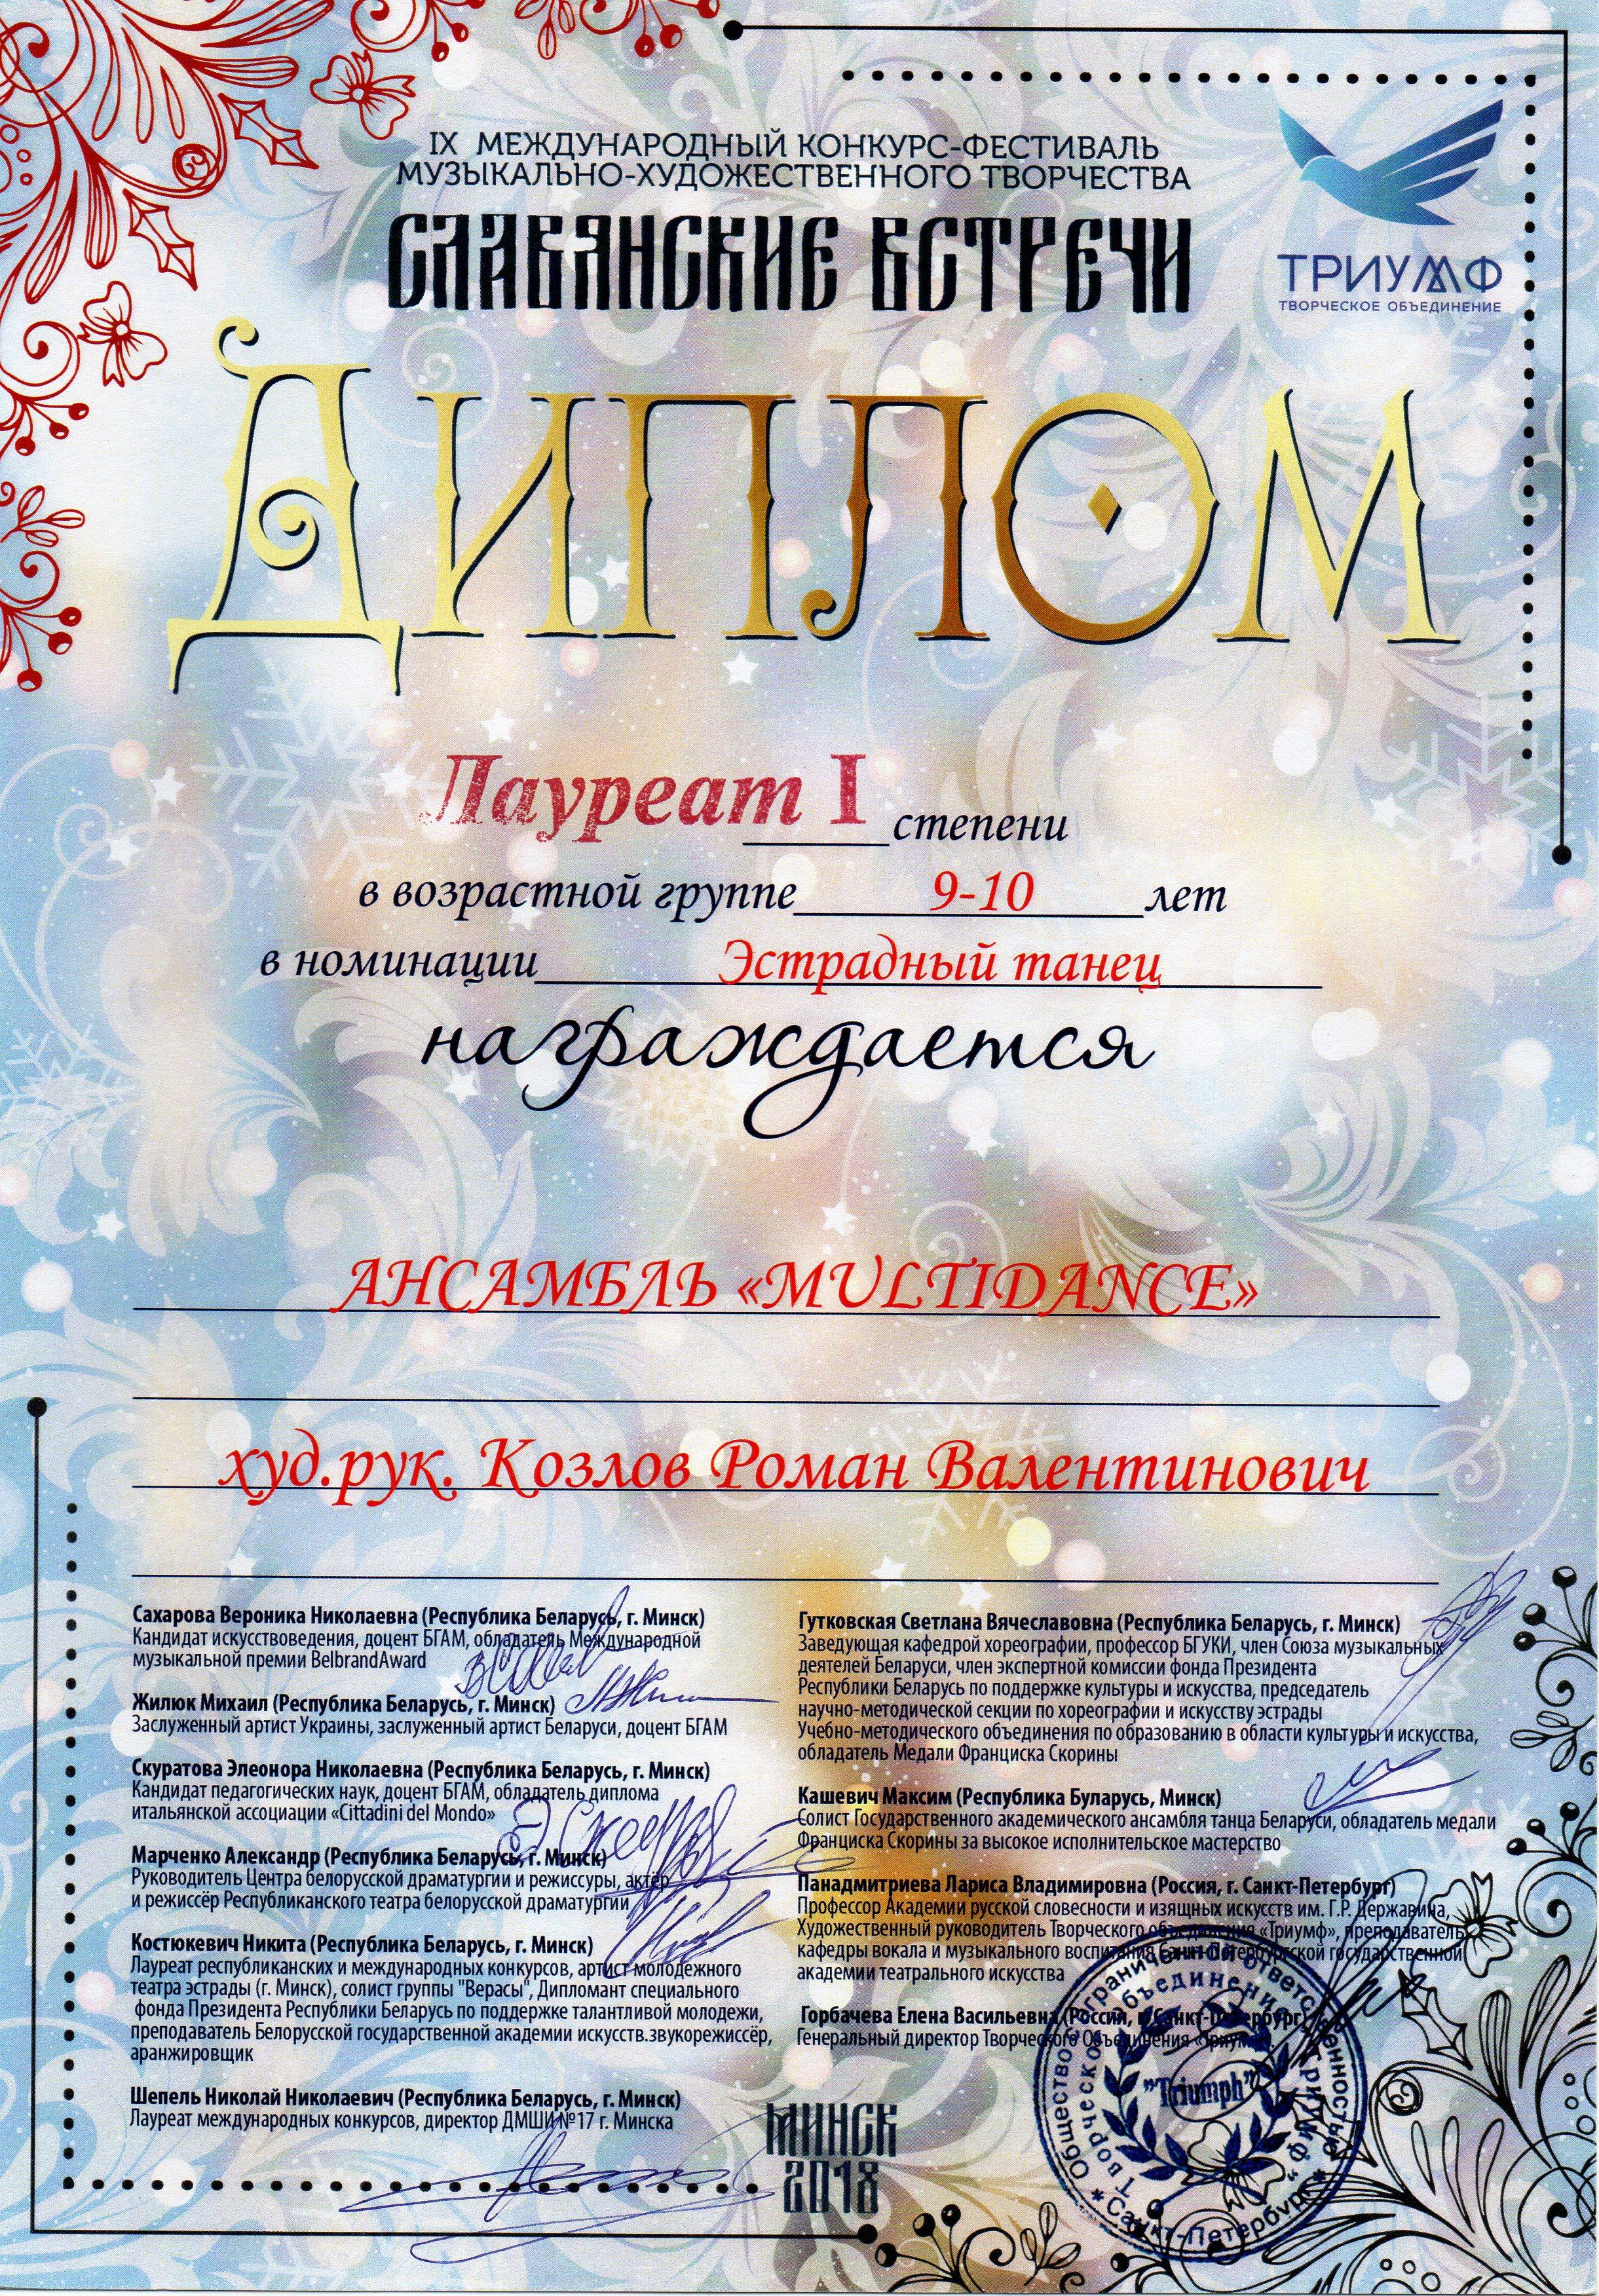 ГРАМОТЫ ТРИУМФ МИНСК002